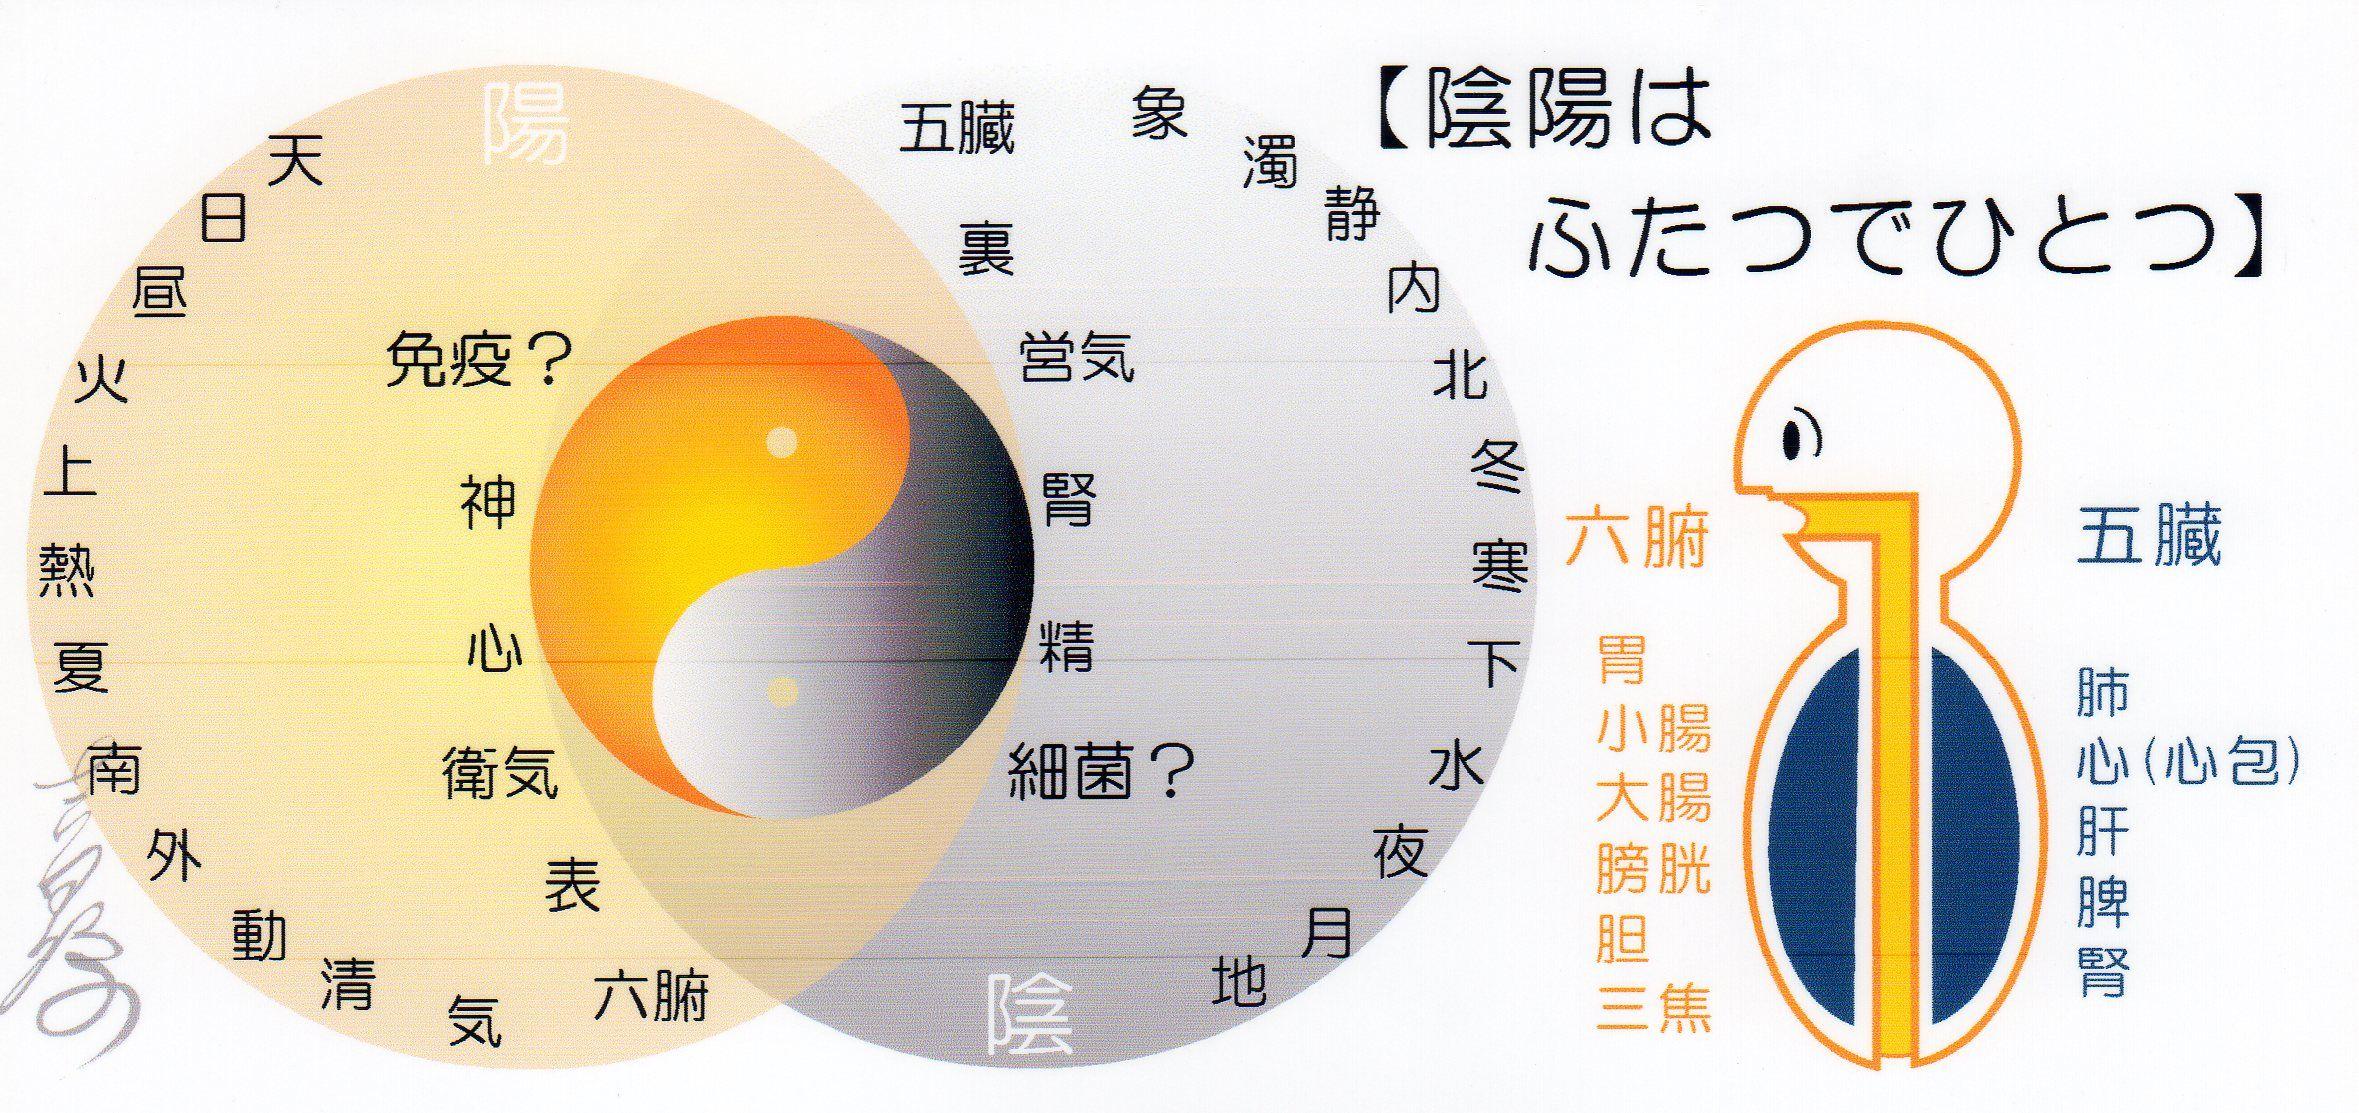 陰陽論 -Yin Yang theory- | 陰陽, 陰陽 五行, 経絡